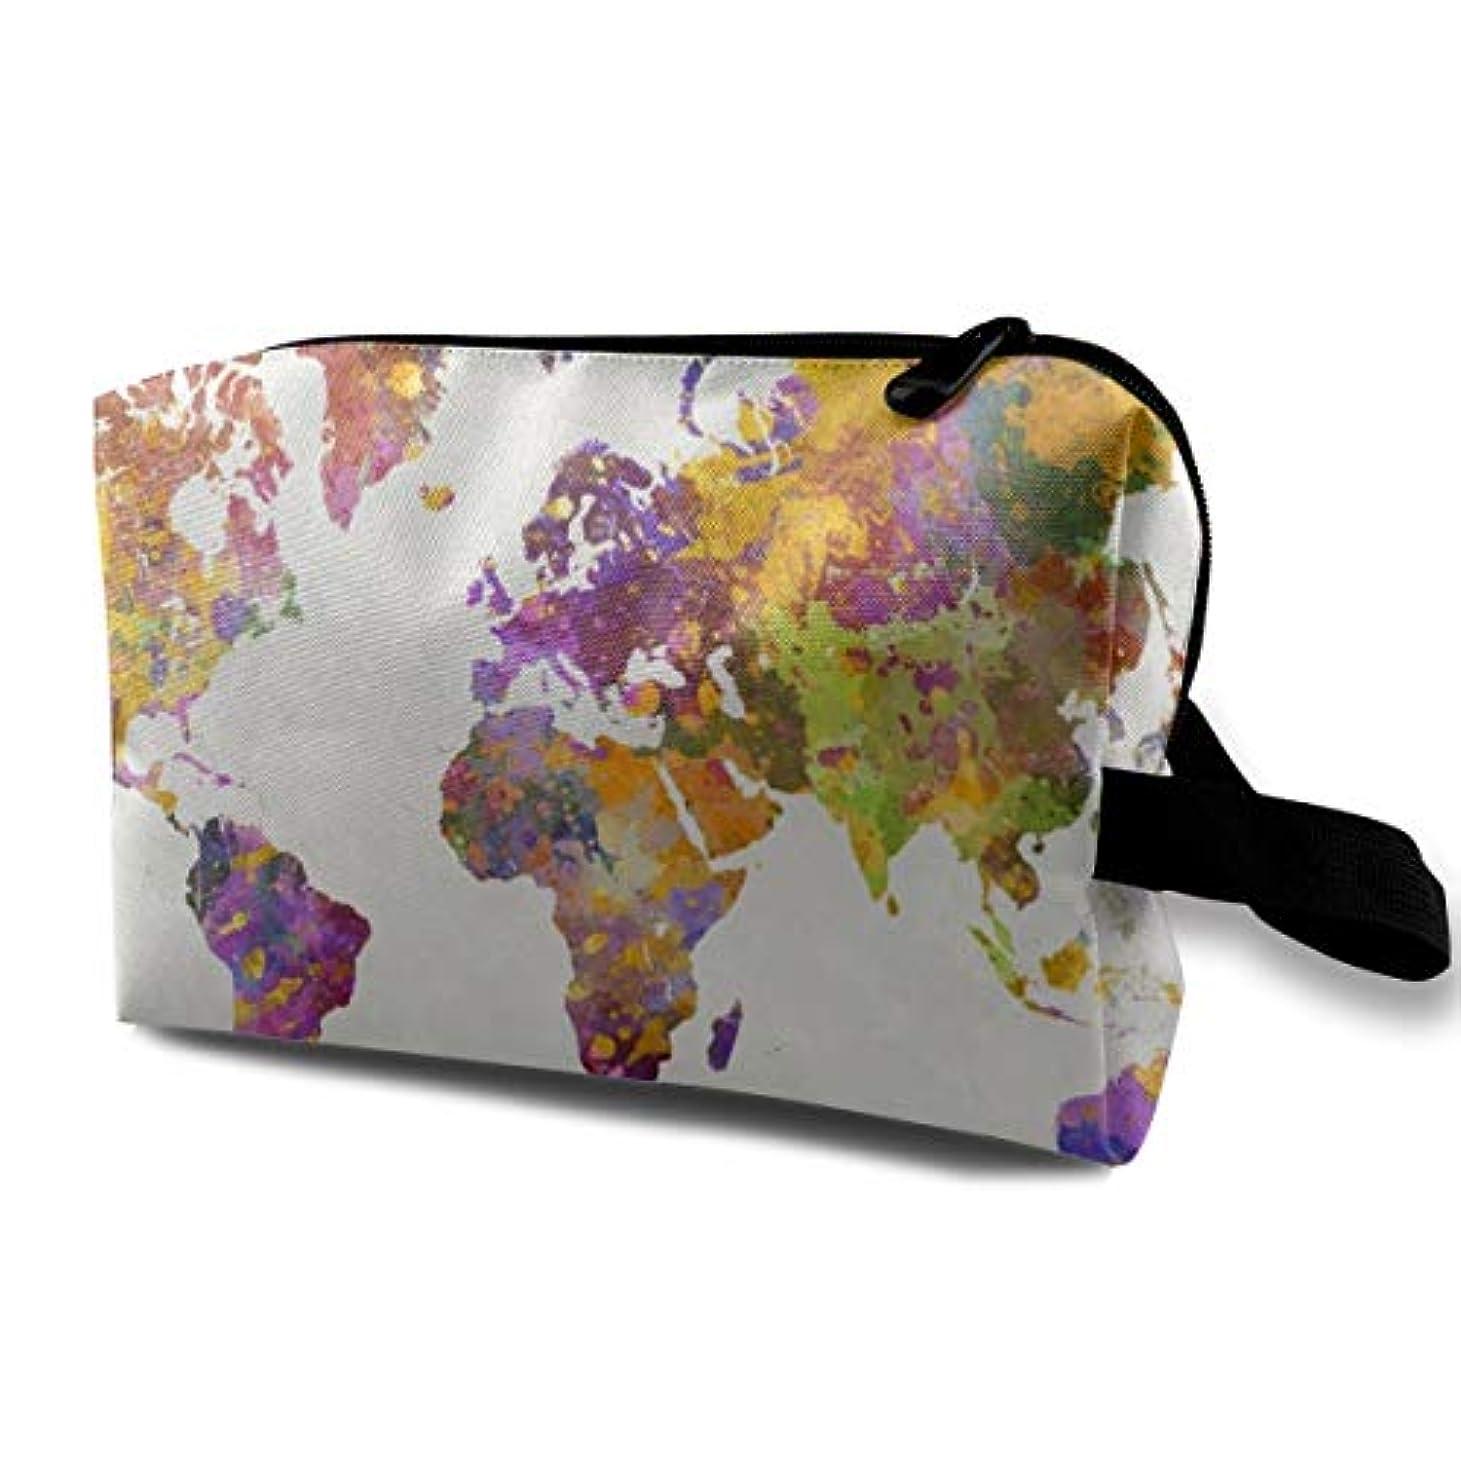 令状クラス同時Color World Map 収納ポーチ 化粧ポーチ 大容量 軽量 耐久性 ハンドル付持ち運び便利。入れ 自宅?出張?旅行?アウトドア撮影などに対応。メンズ レディース トラベルグッズ